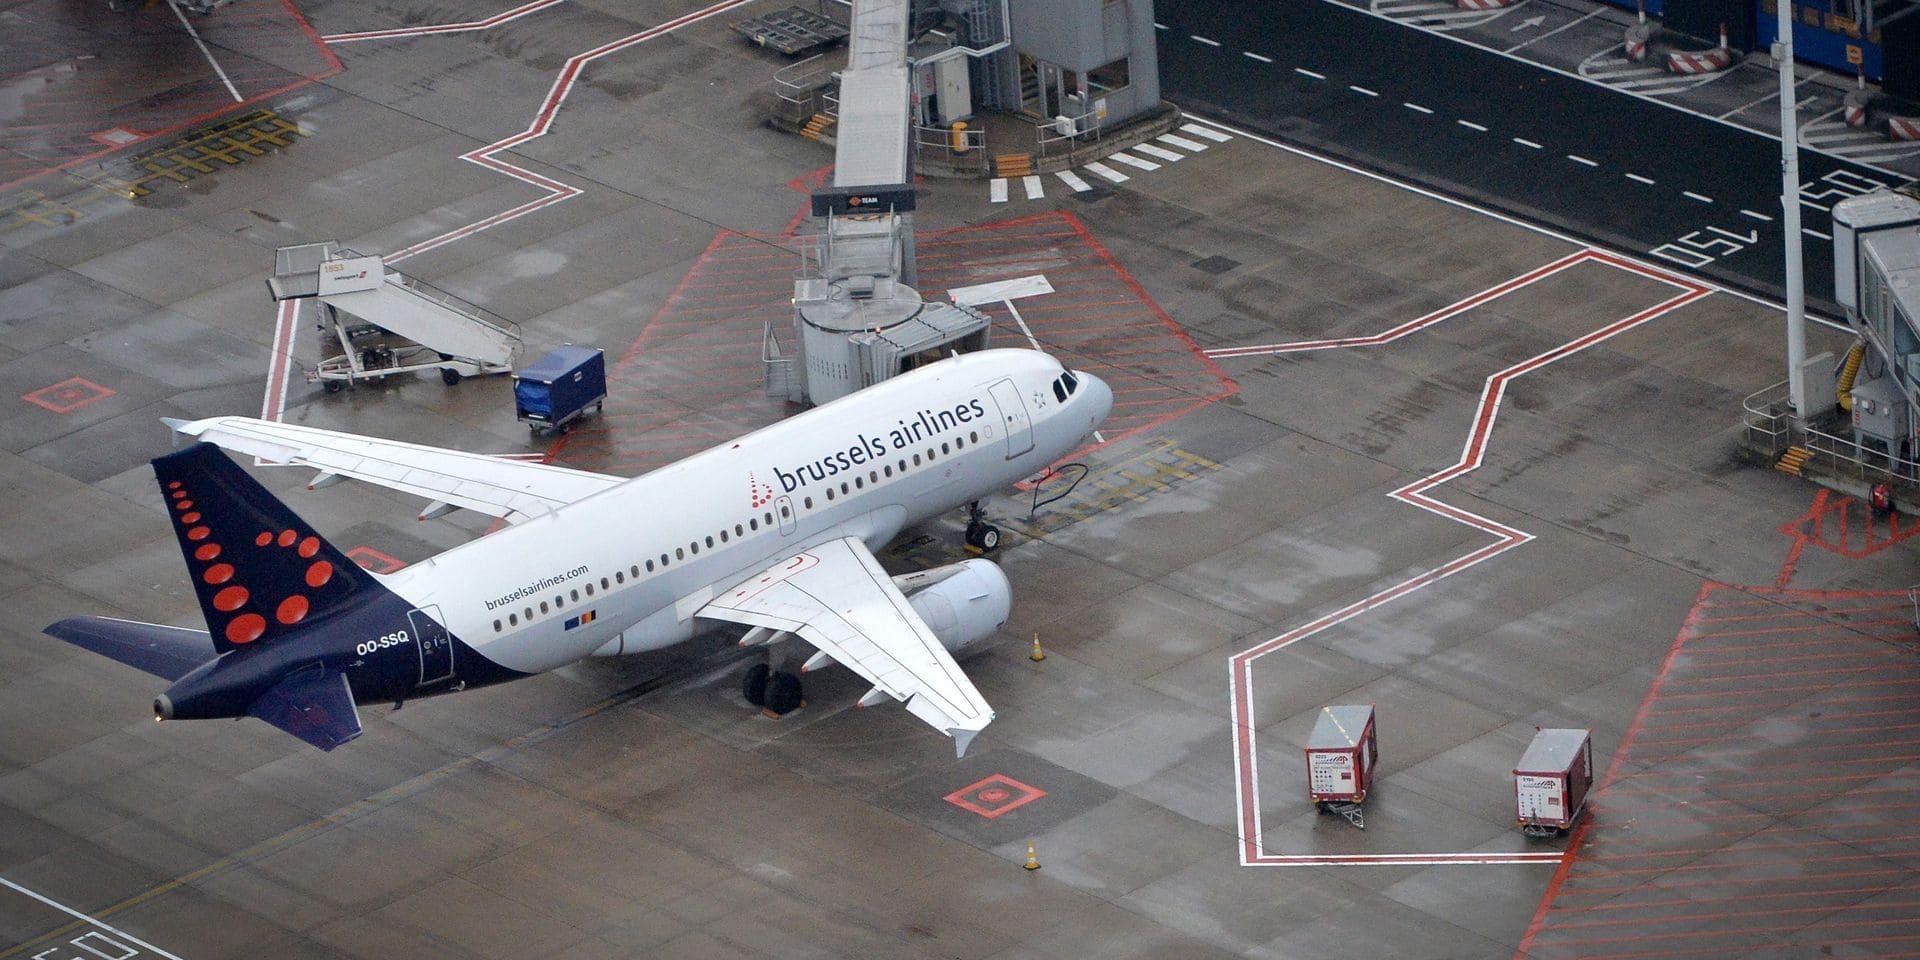 Brussels Airlines: accord conclu entre la direction et les partenaires sociaux, 1000 emplois menacés et limitation des licenciements secs